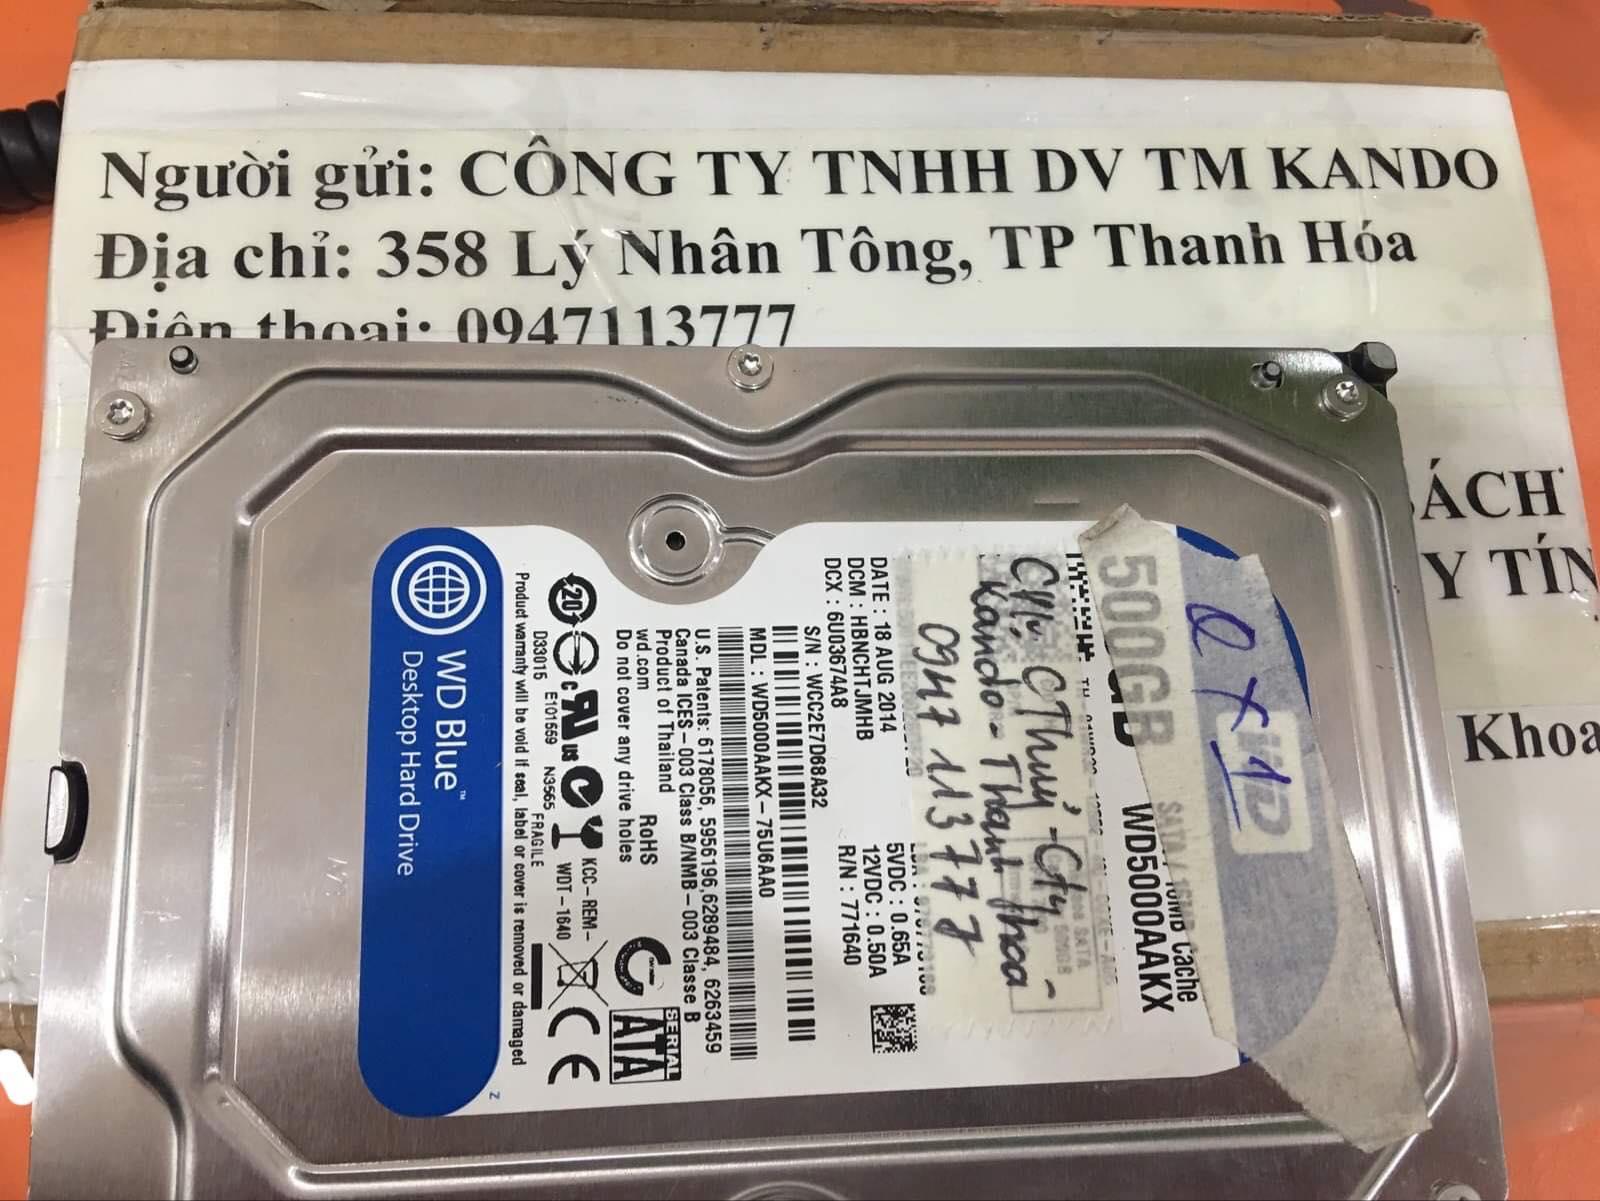 Khôi phục dữ liệu ổ cứng Western 500GB đầu đọc kém 30/11/2019 - cuumaytinh